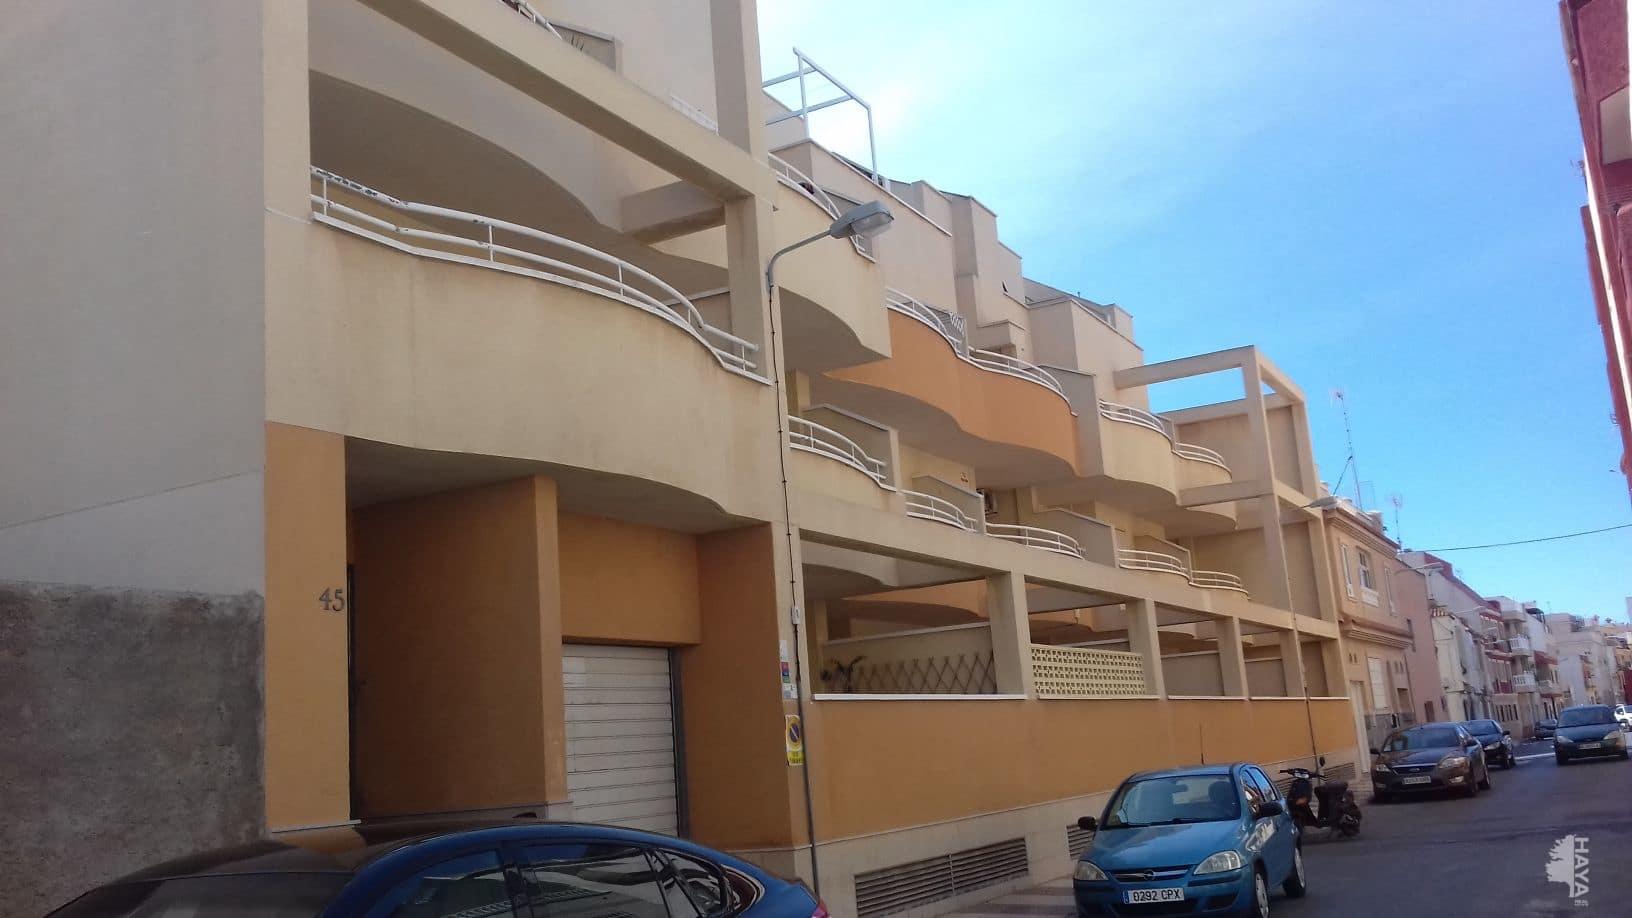 Piso en venta en Roquetas de Mar, Almería, Calle San Jose Obrero, 118.000 €, 3 habitaciones, 2 baños, 134 m2